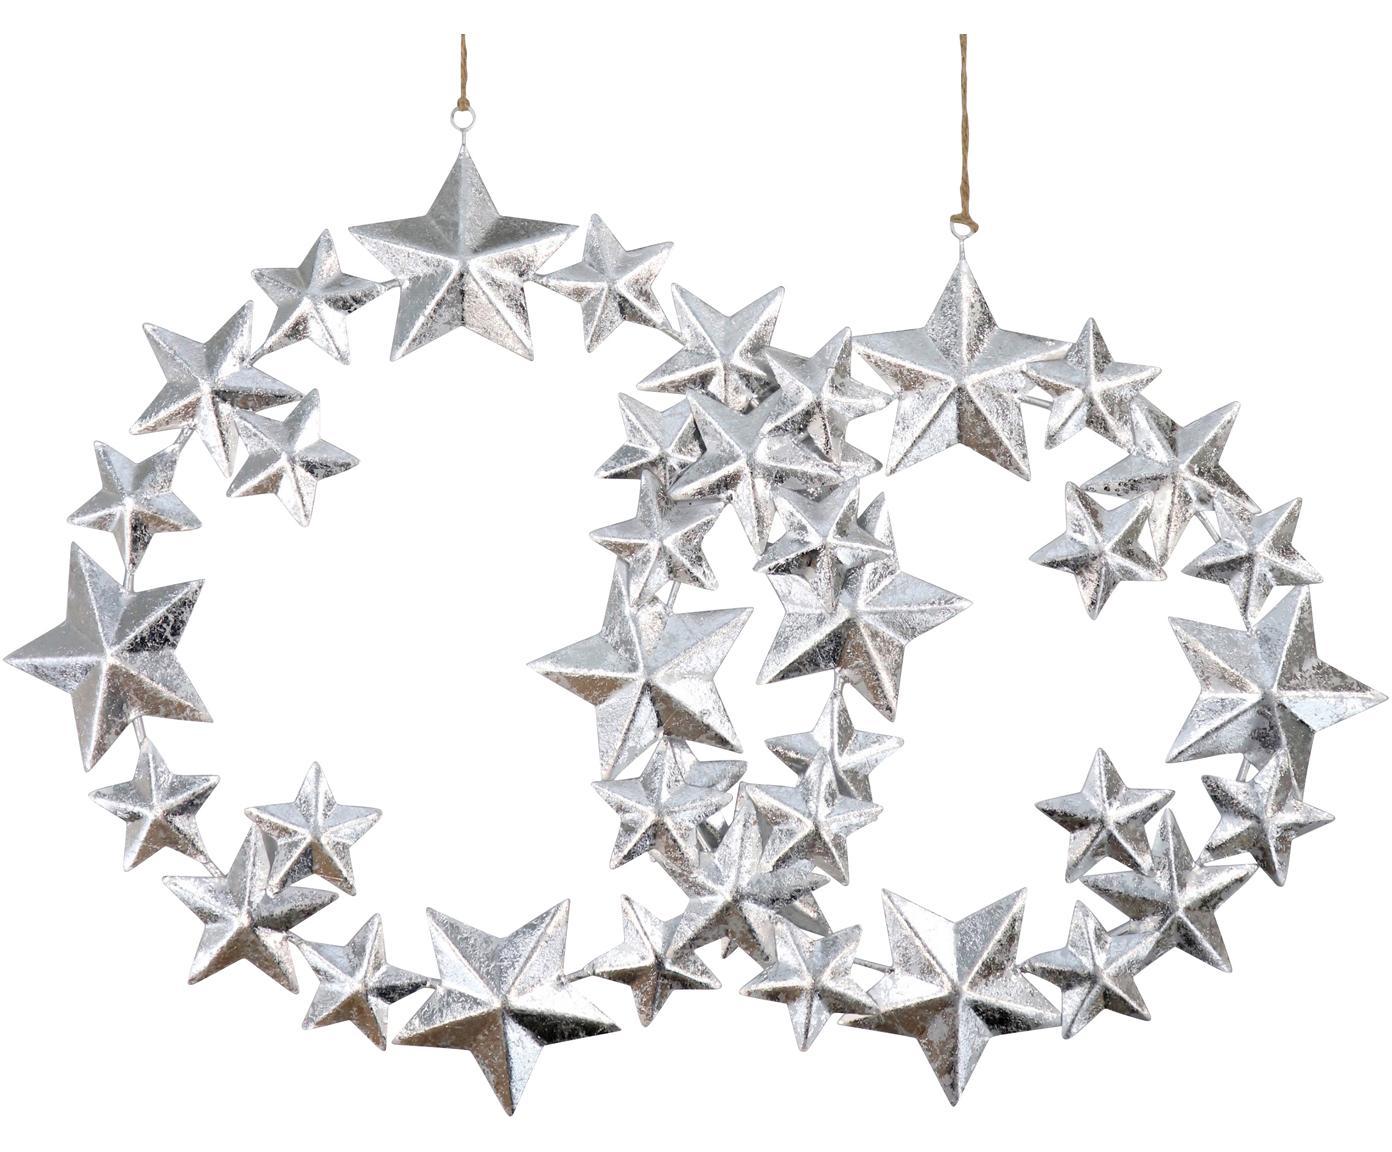 Deko-Anhänger-Set Stars, 2-tlg., Metall, beschichtet, Silberfarben, Sondergrößen